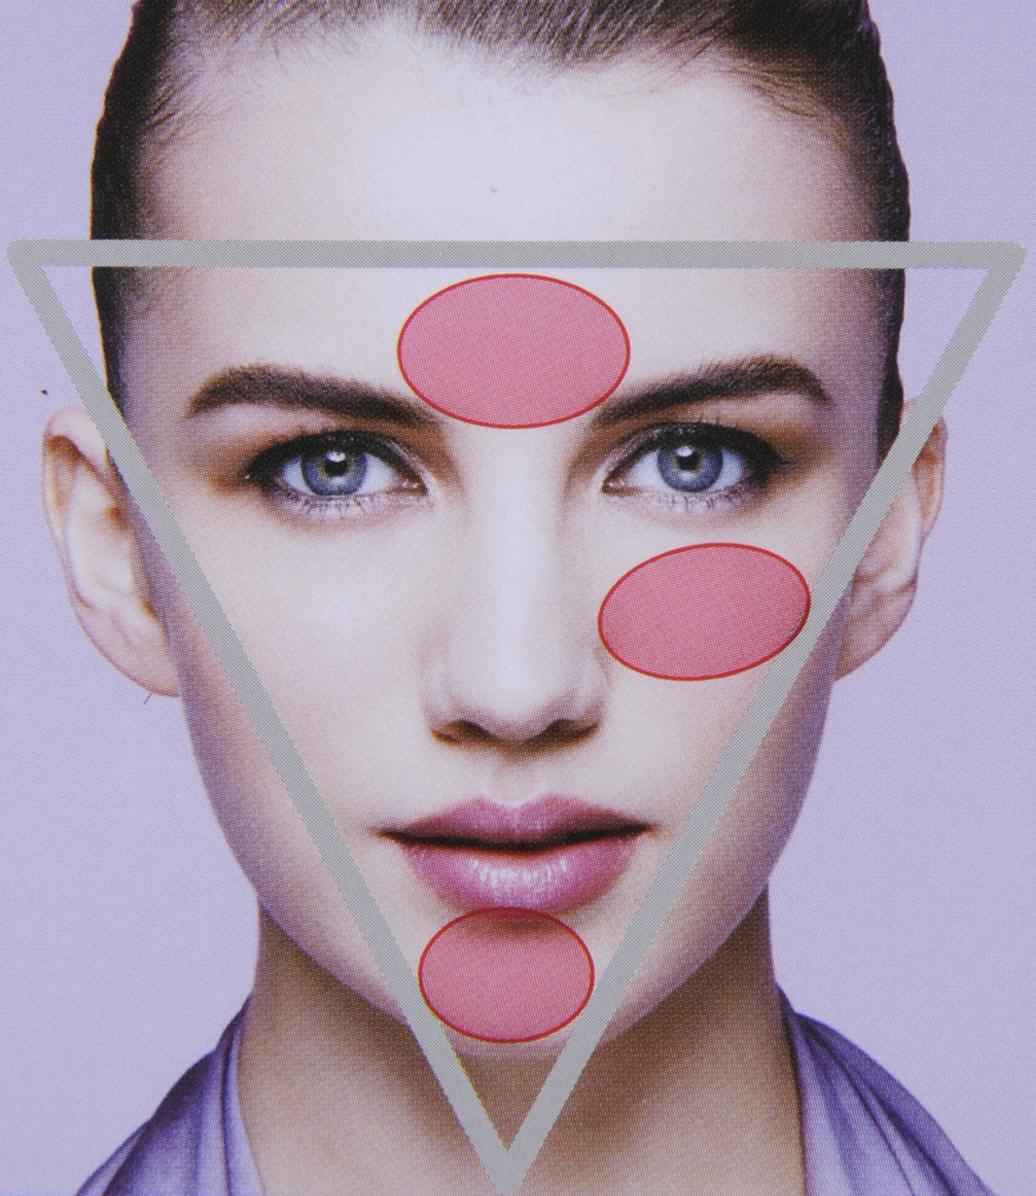 少ない注入量で顔全体の印象を改善